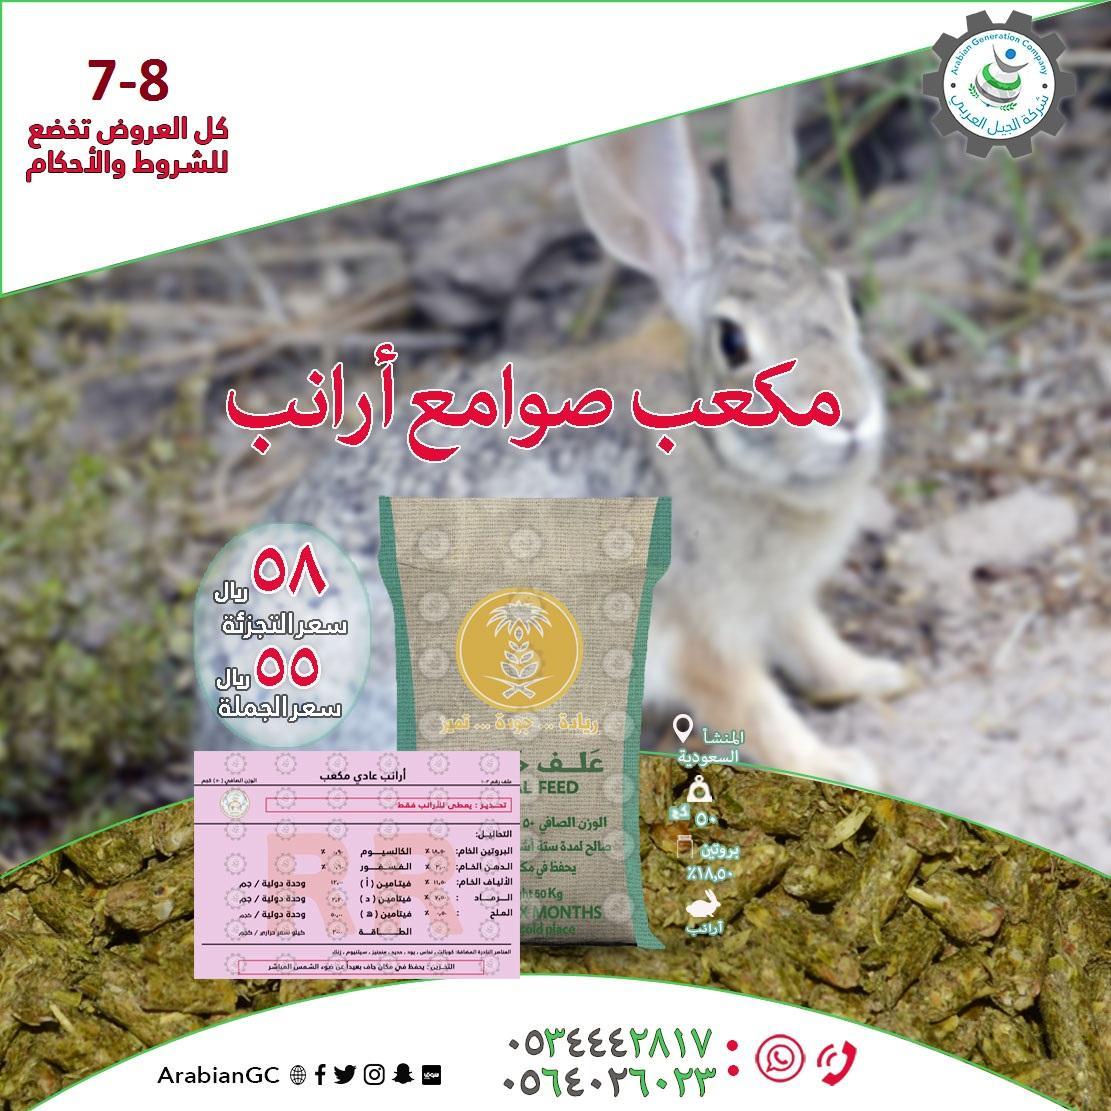 شركة الجيل العربي للتجارة تقدم d.php?hash=WU7HZOQZF